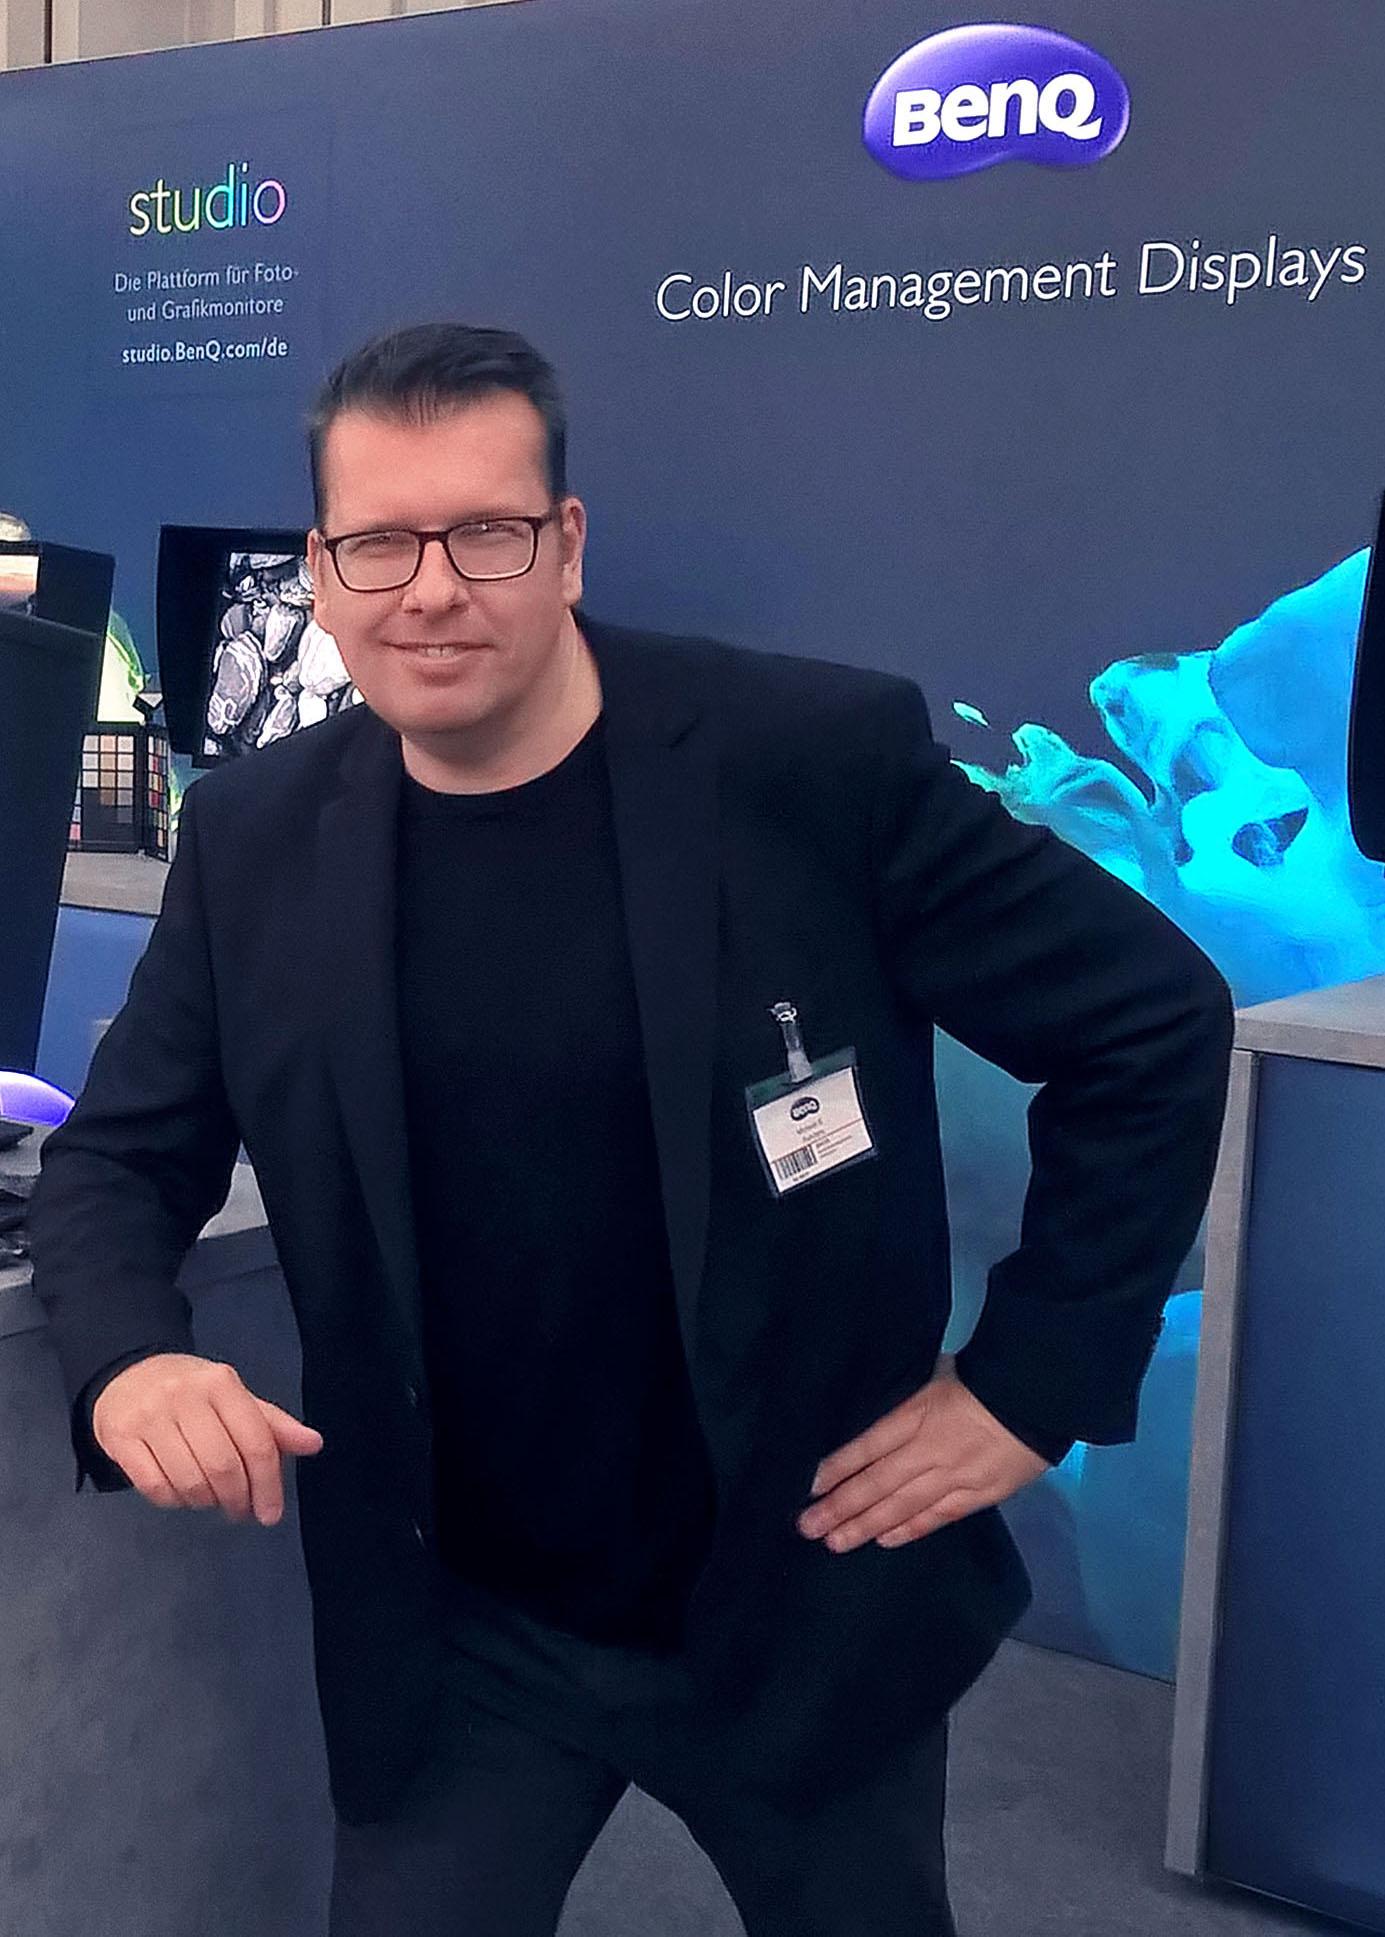 """Wie auf der """"Fotomesse"""" in Nürnberg stehe ich Besuchern für Fragen ganztägig zur Verfügung, verrate Tricks und gebe Tipps rund um die professionelle Fotografie."""